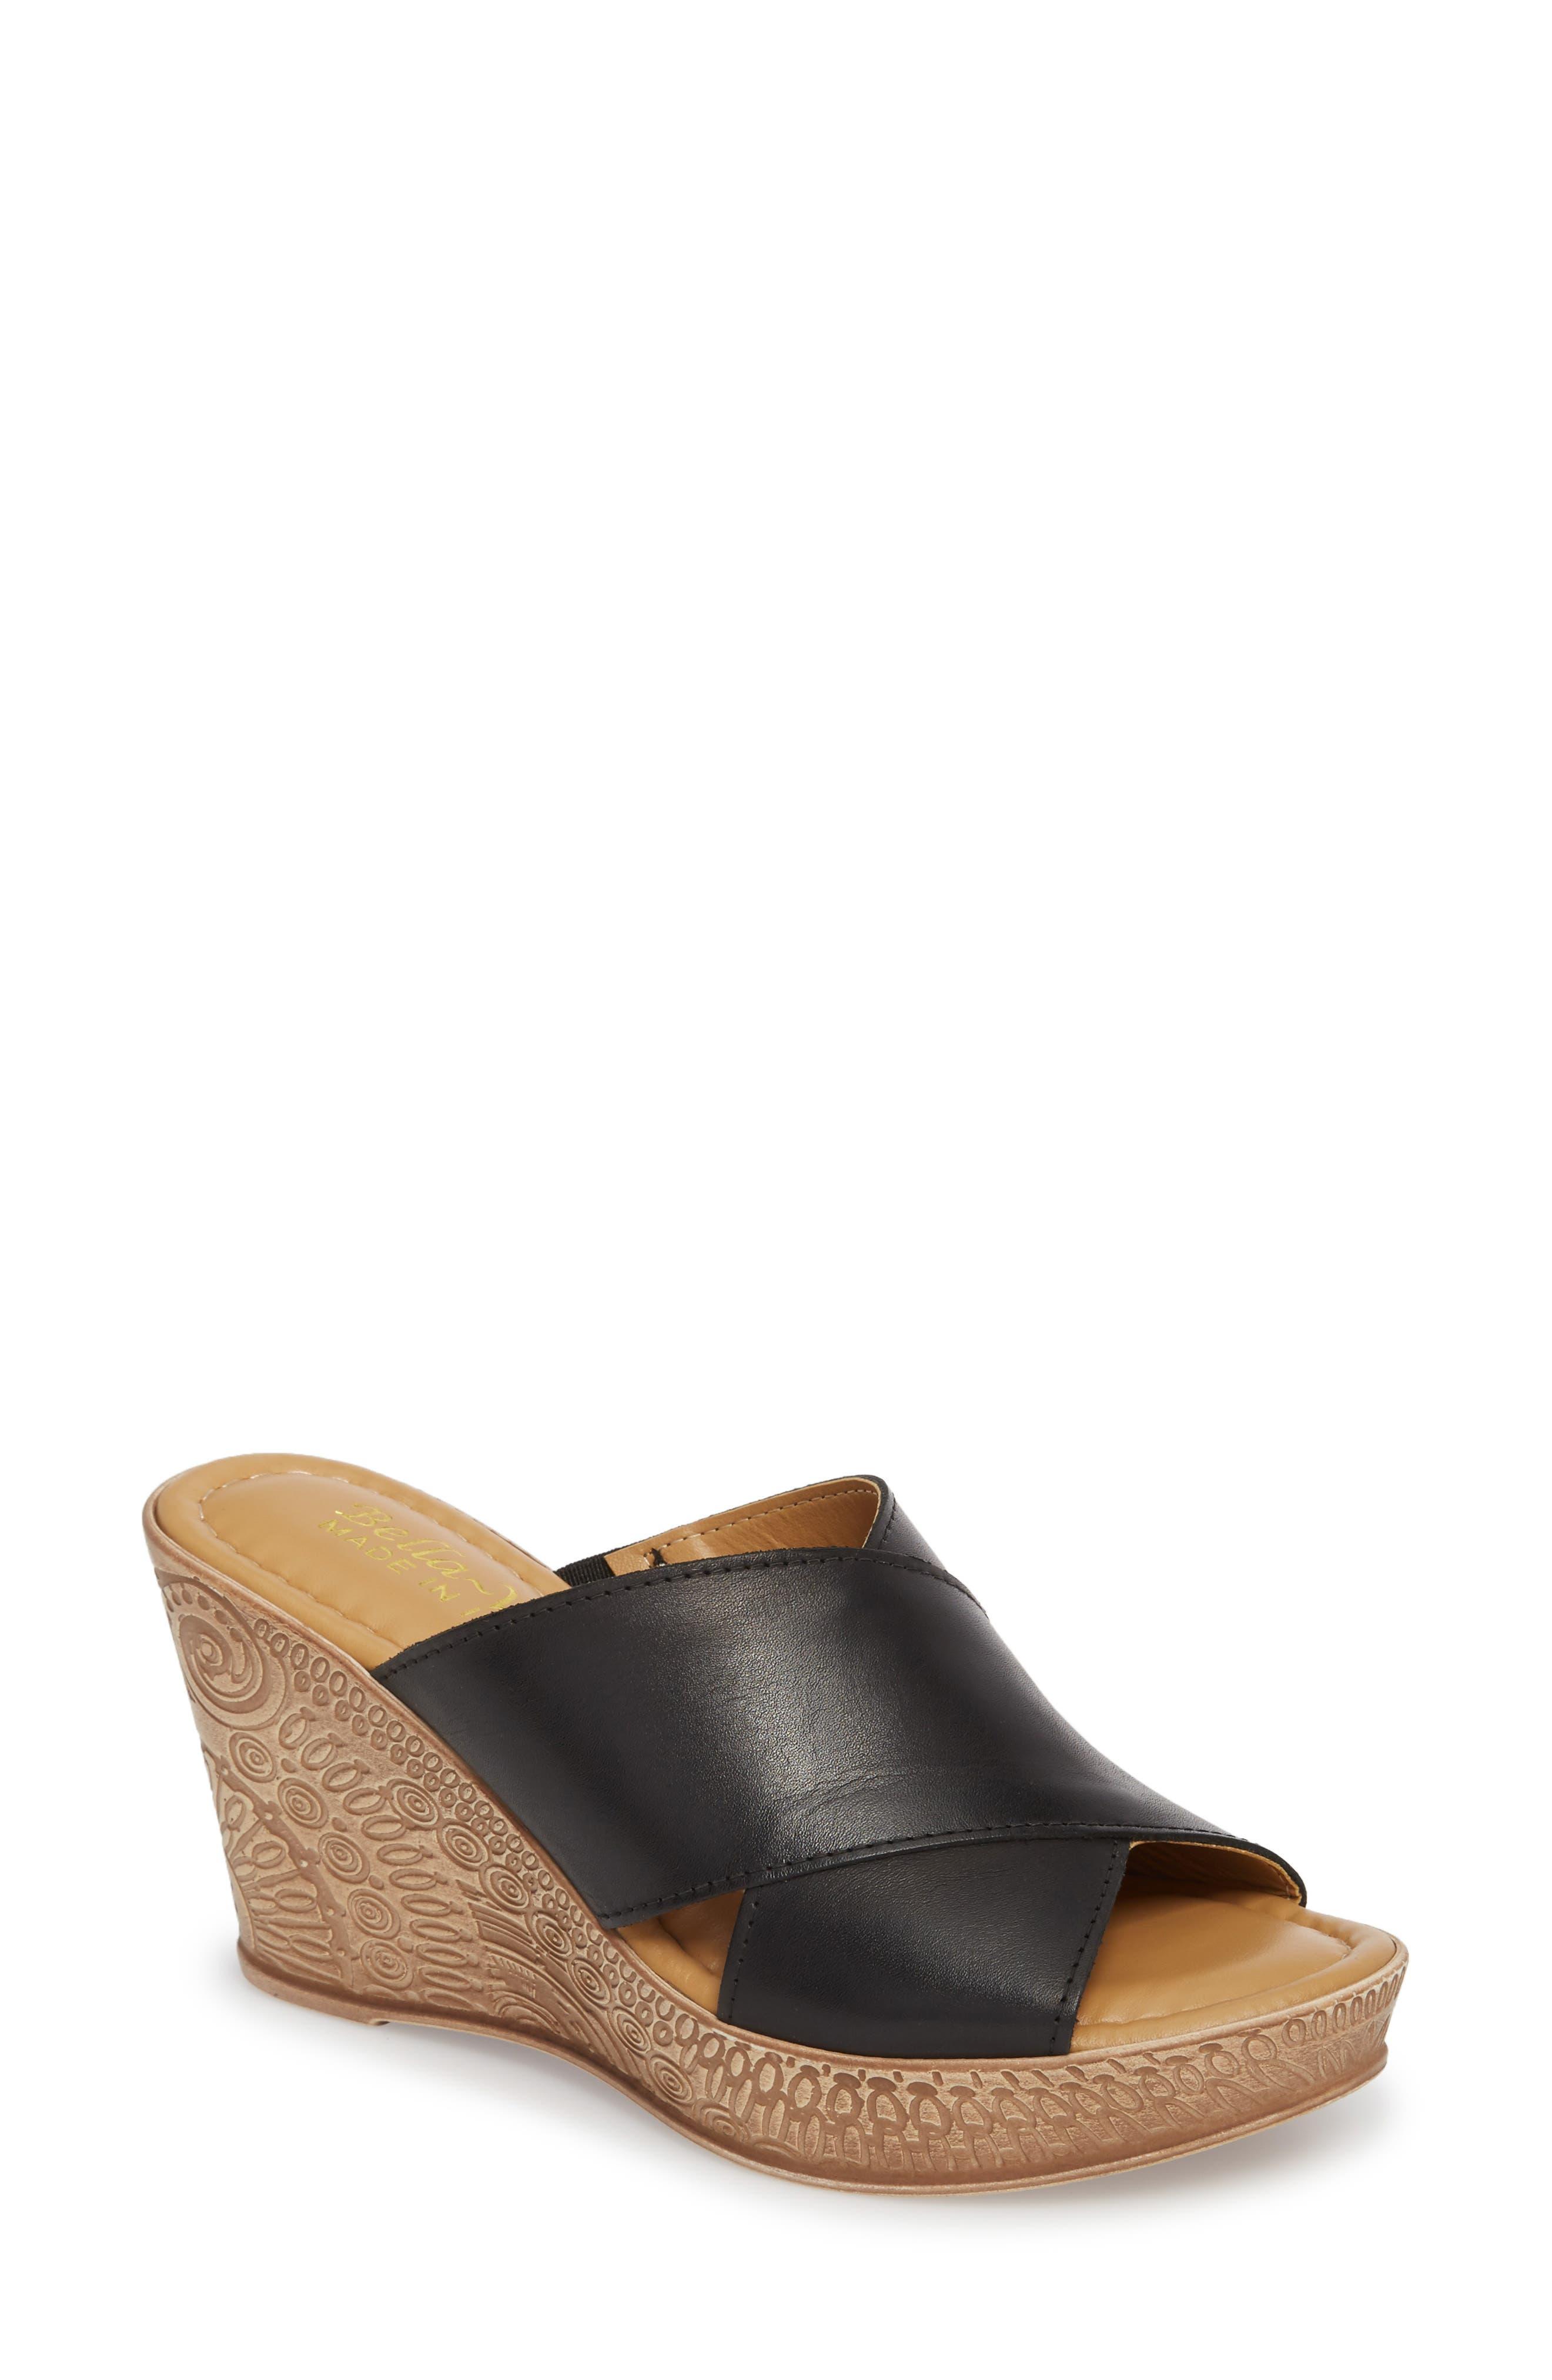 Edi Wedge Sandal,                         Main,                         color,